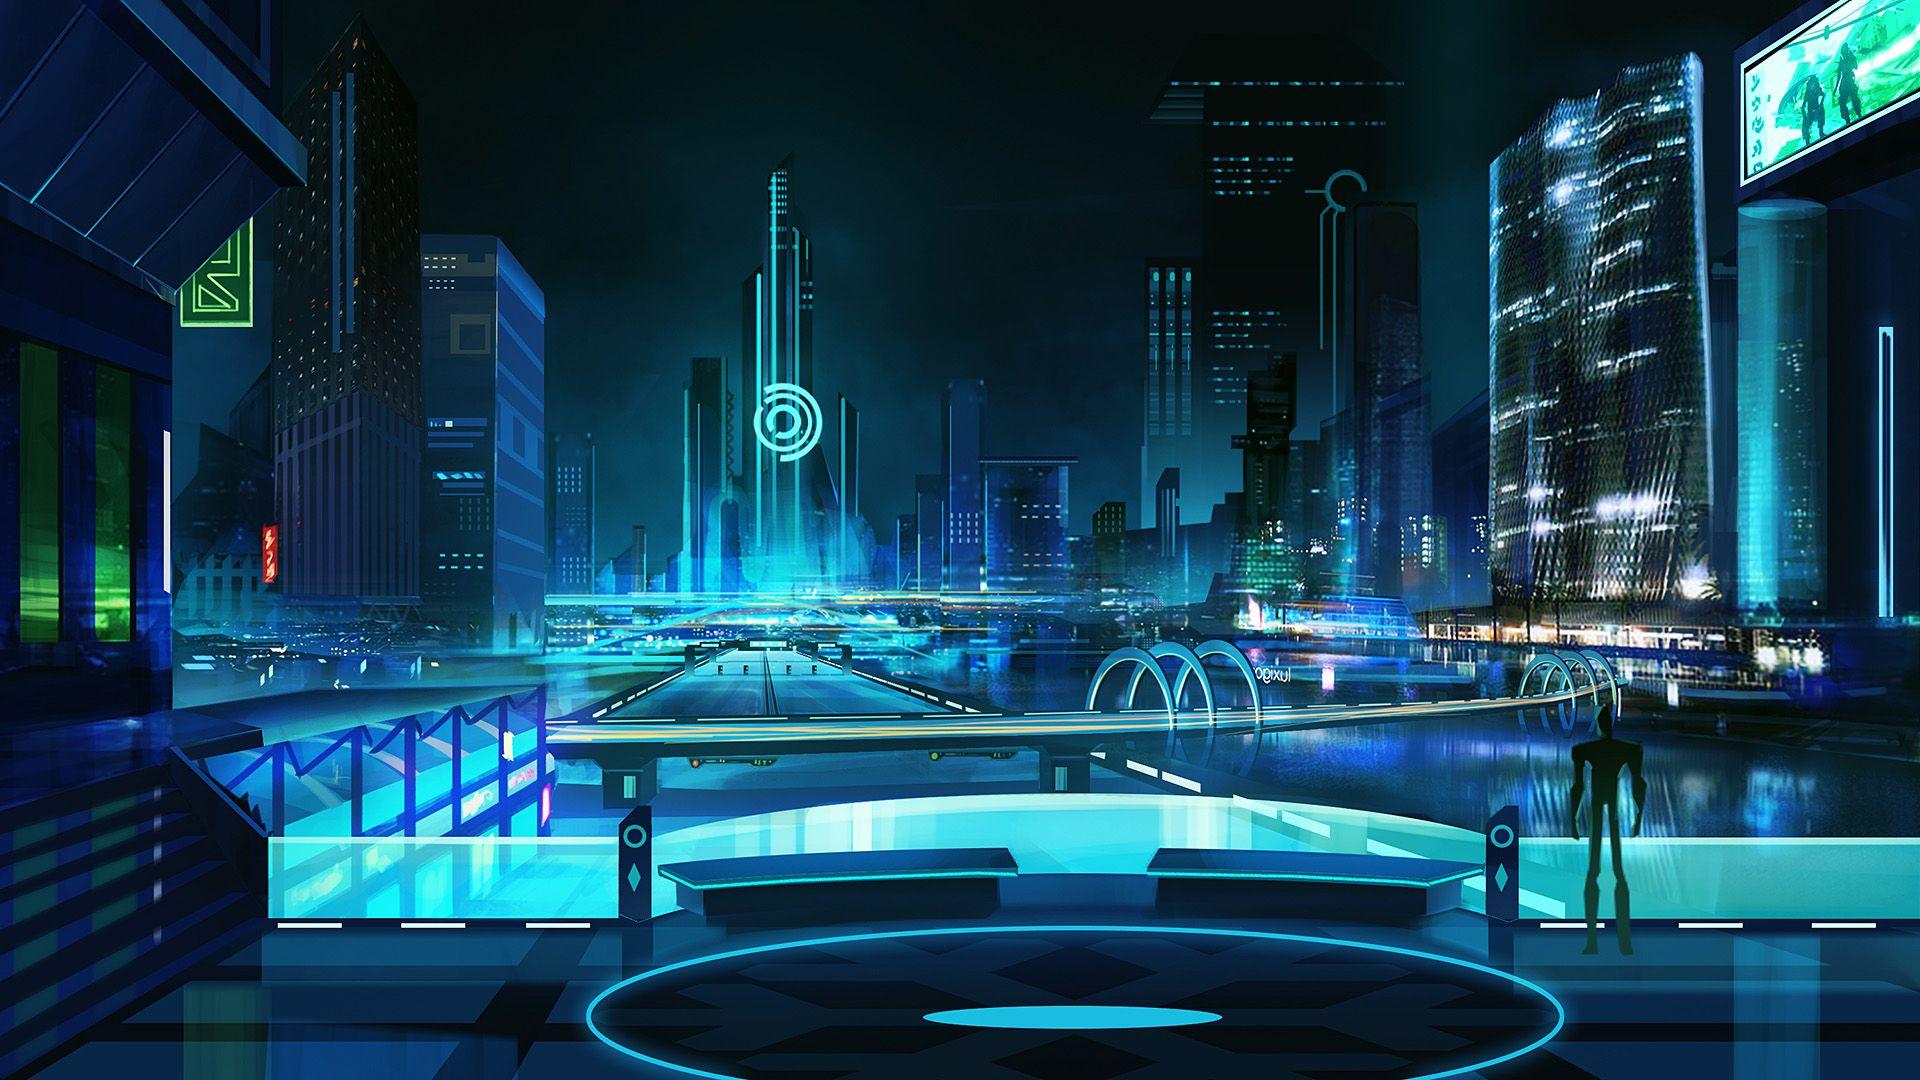 cyberpunk city wallpaper